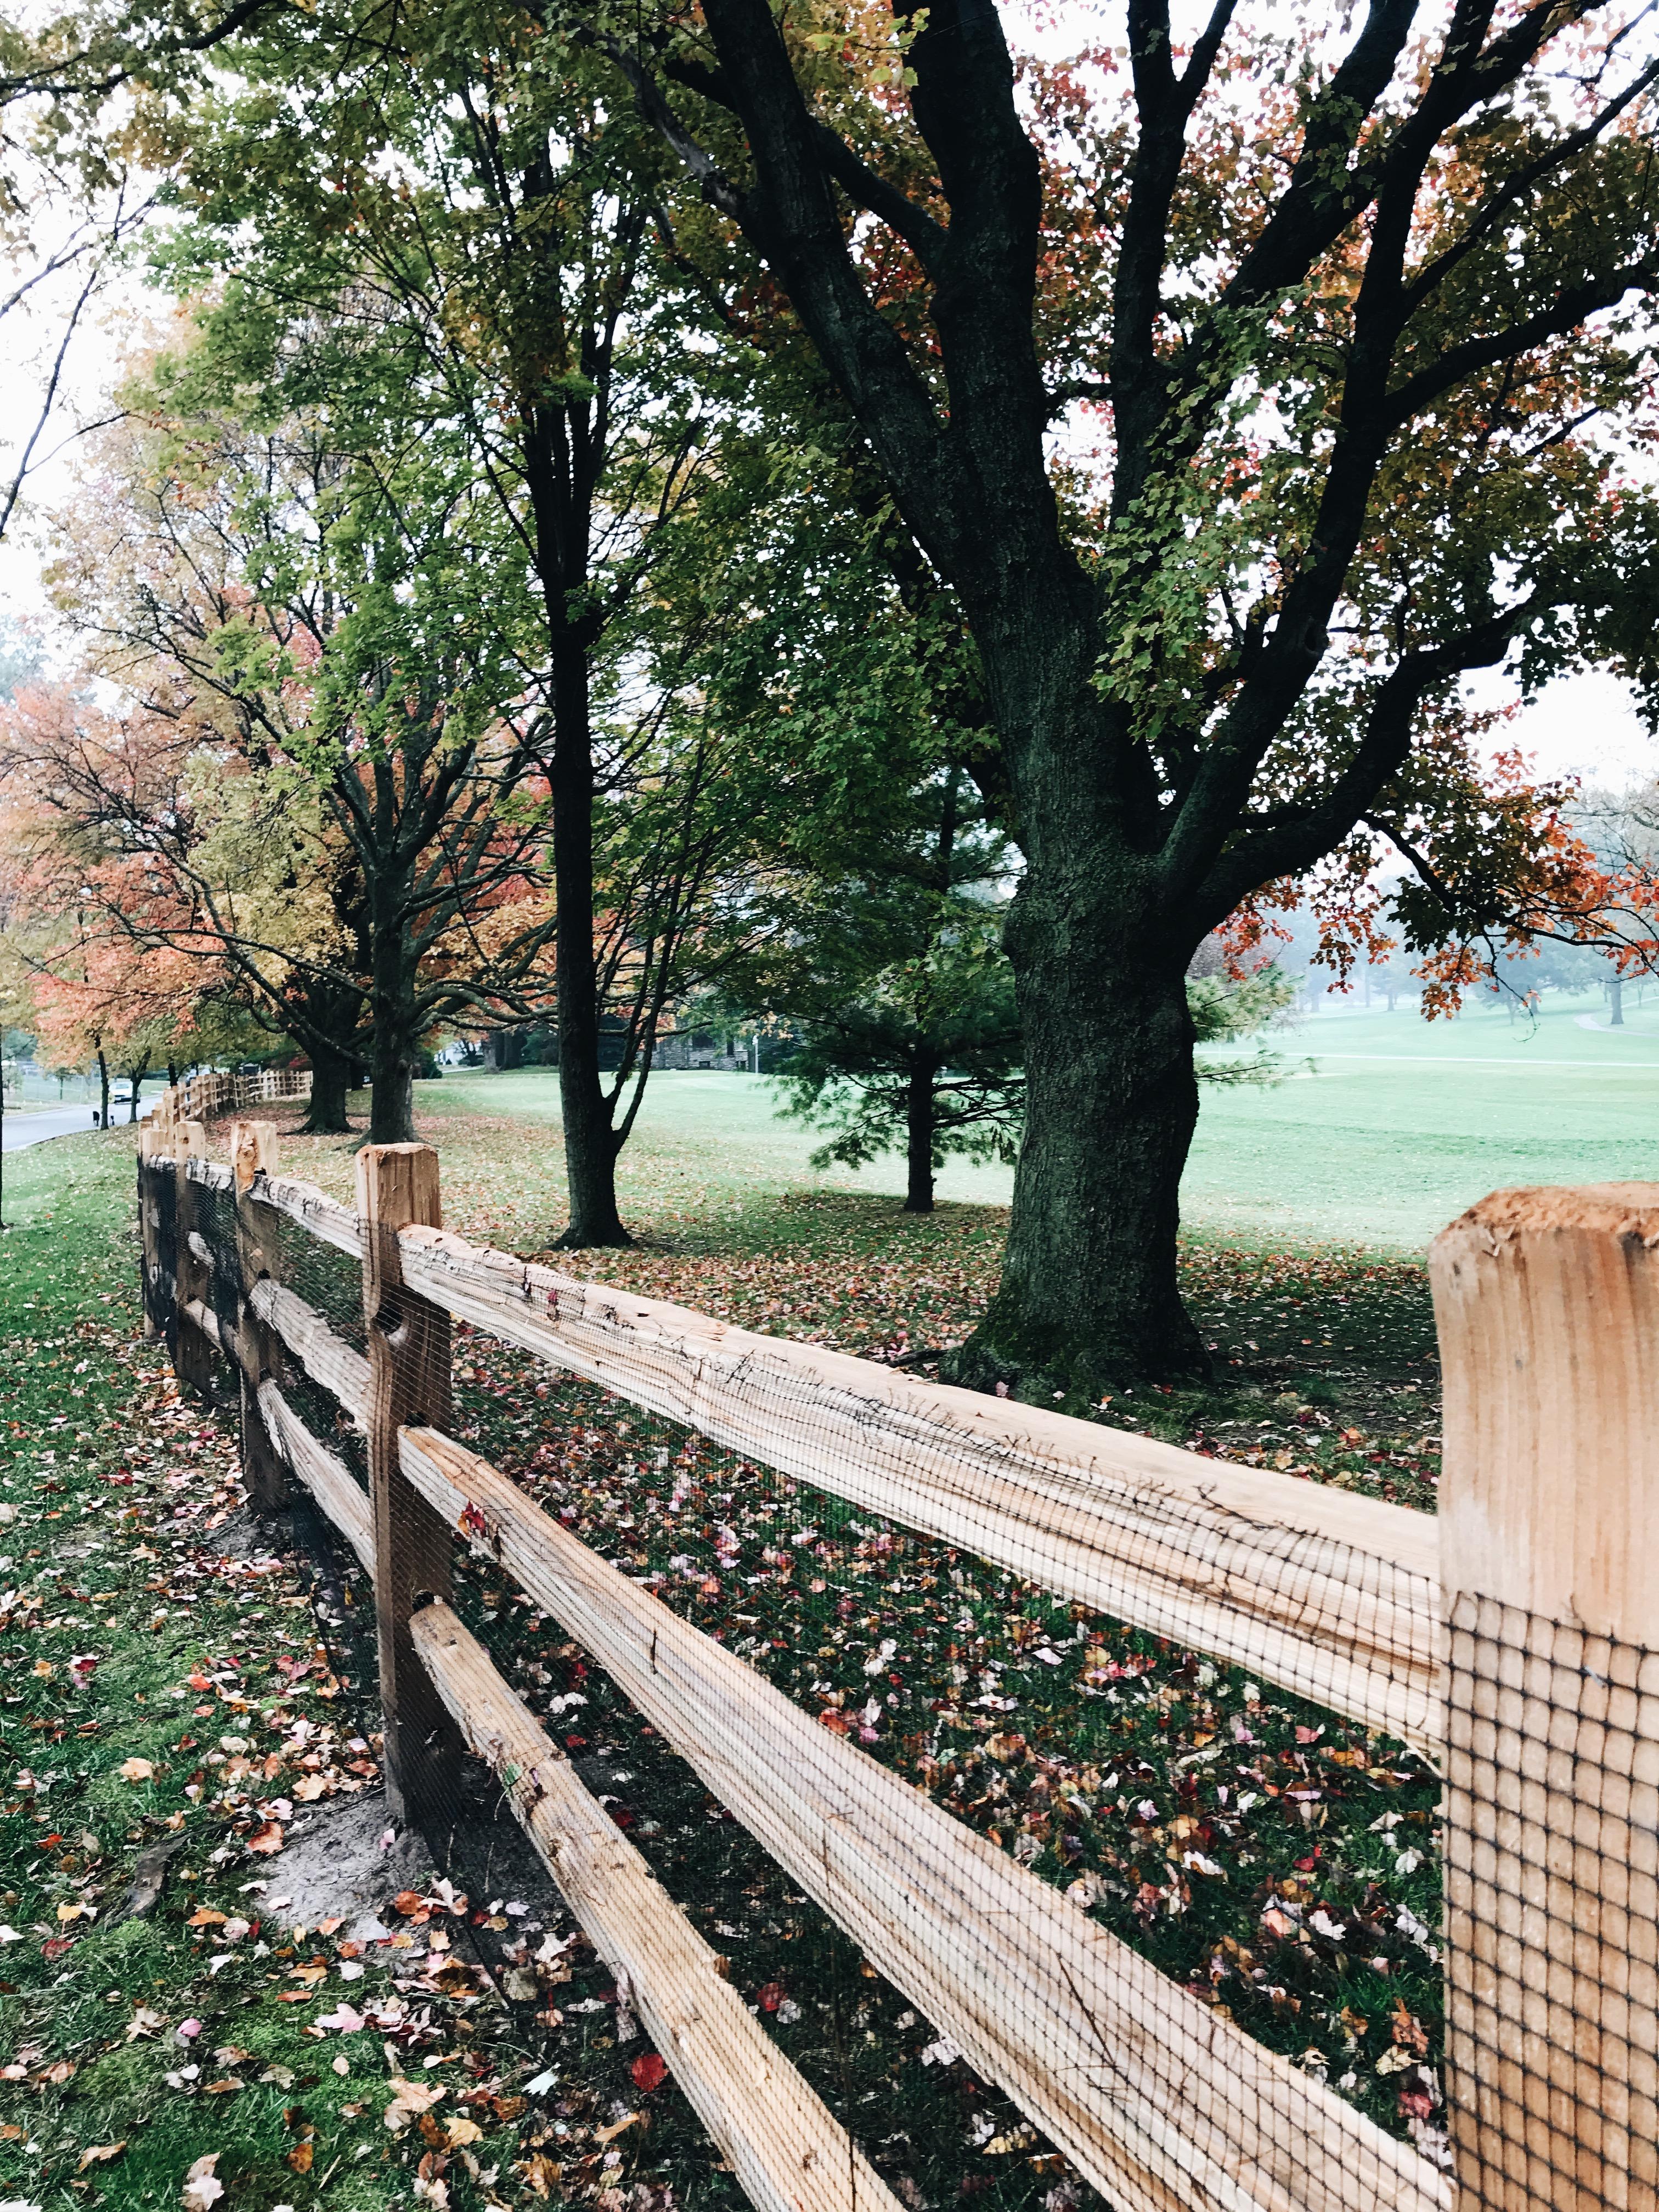 lovely fall scene